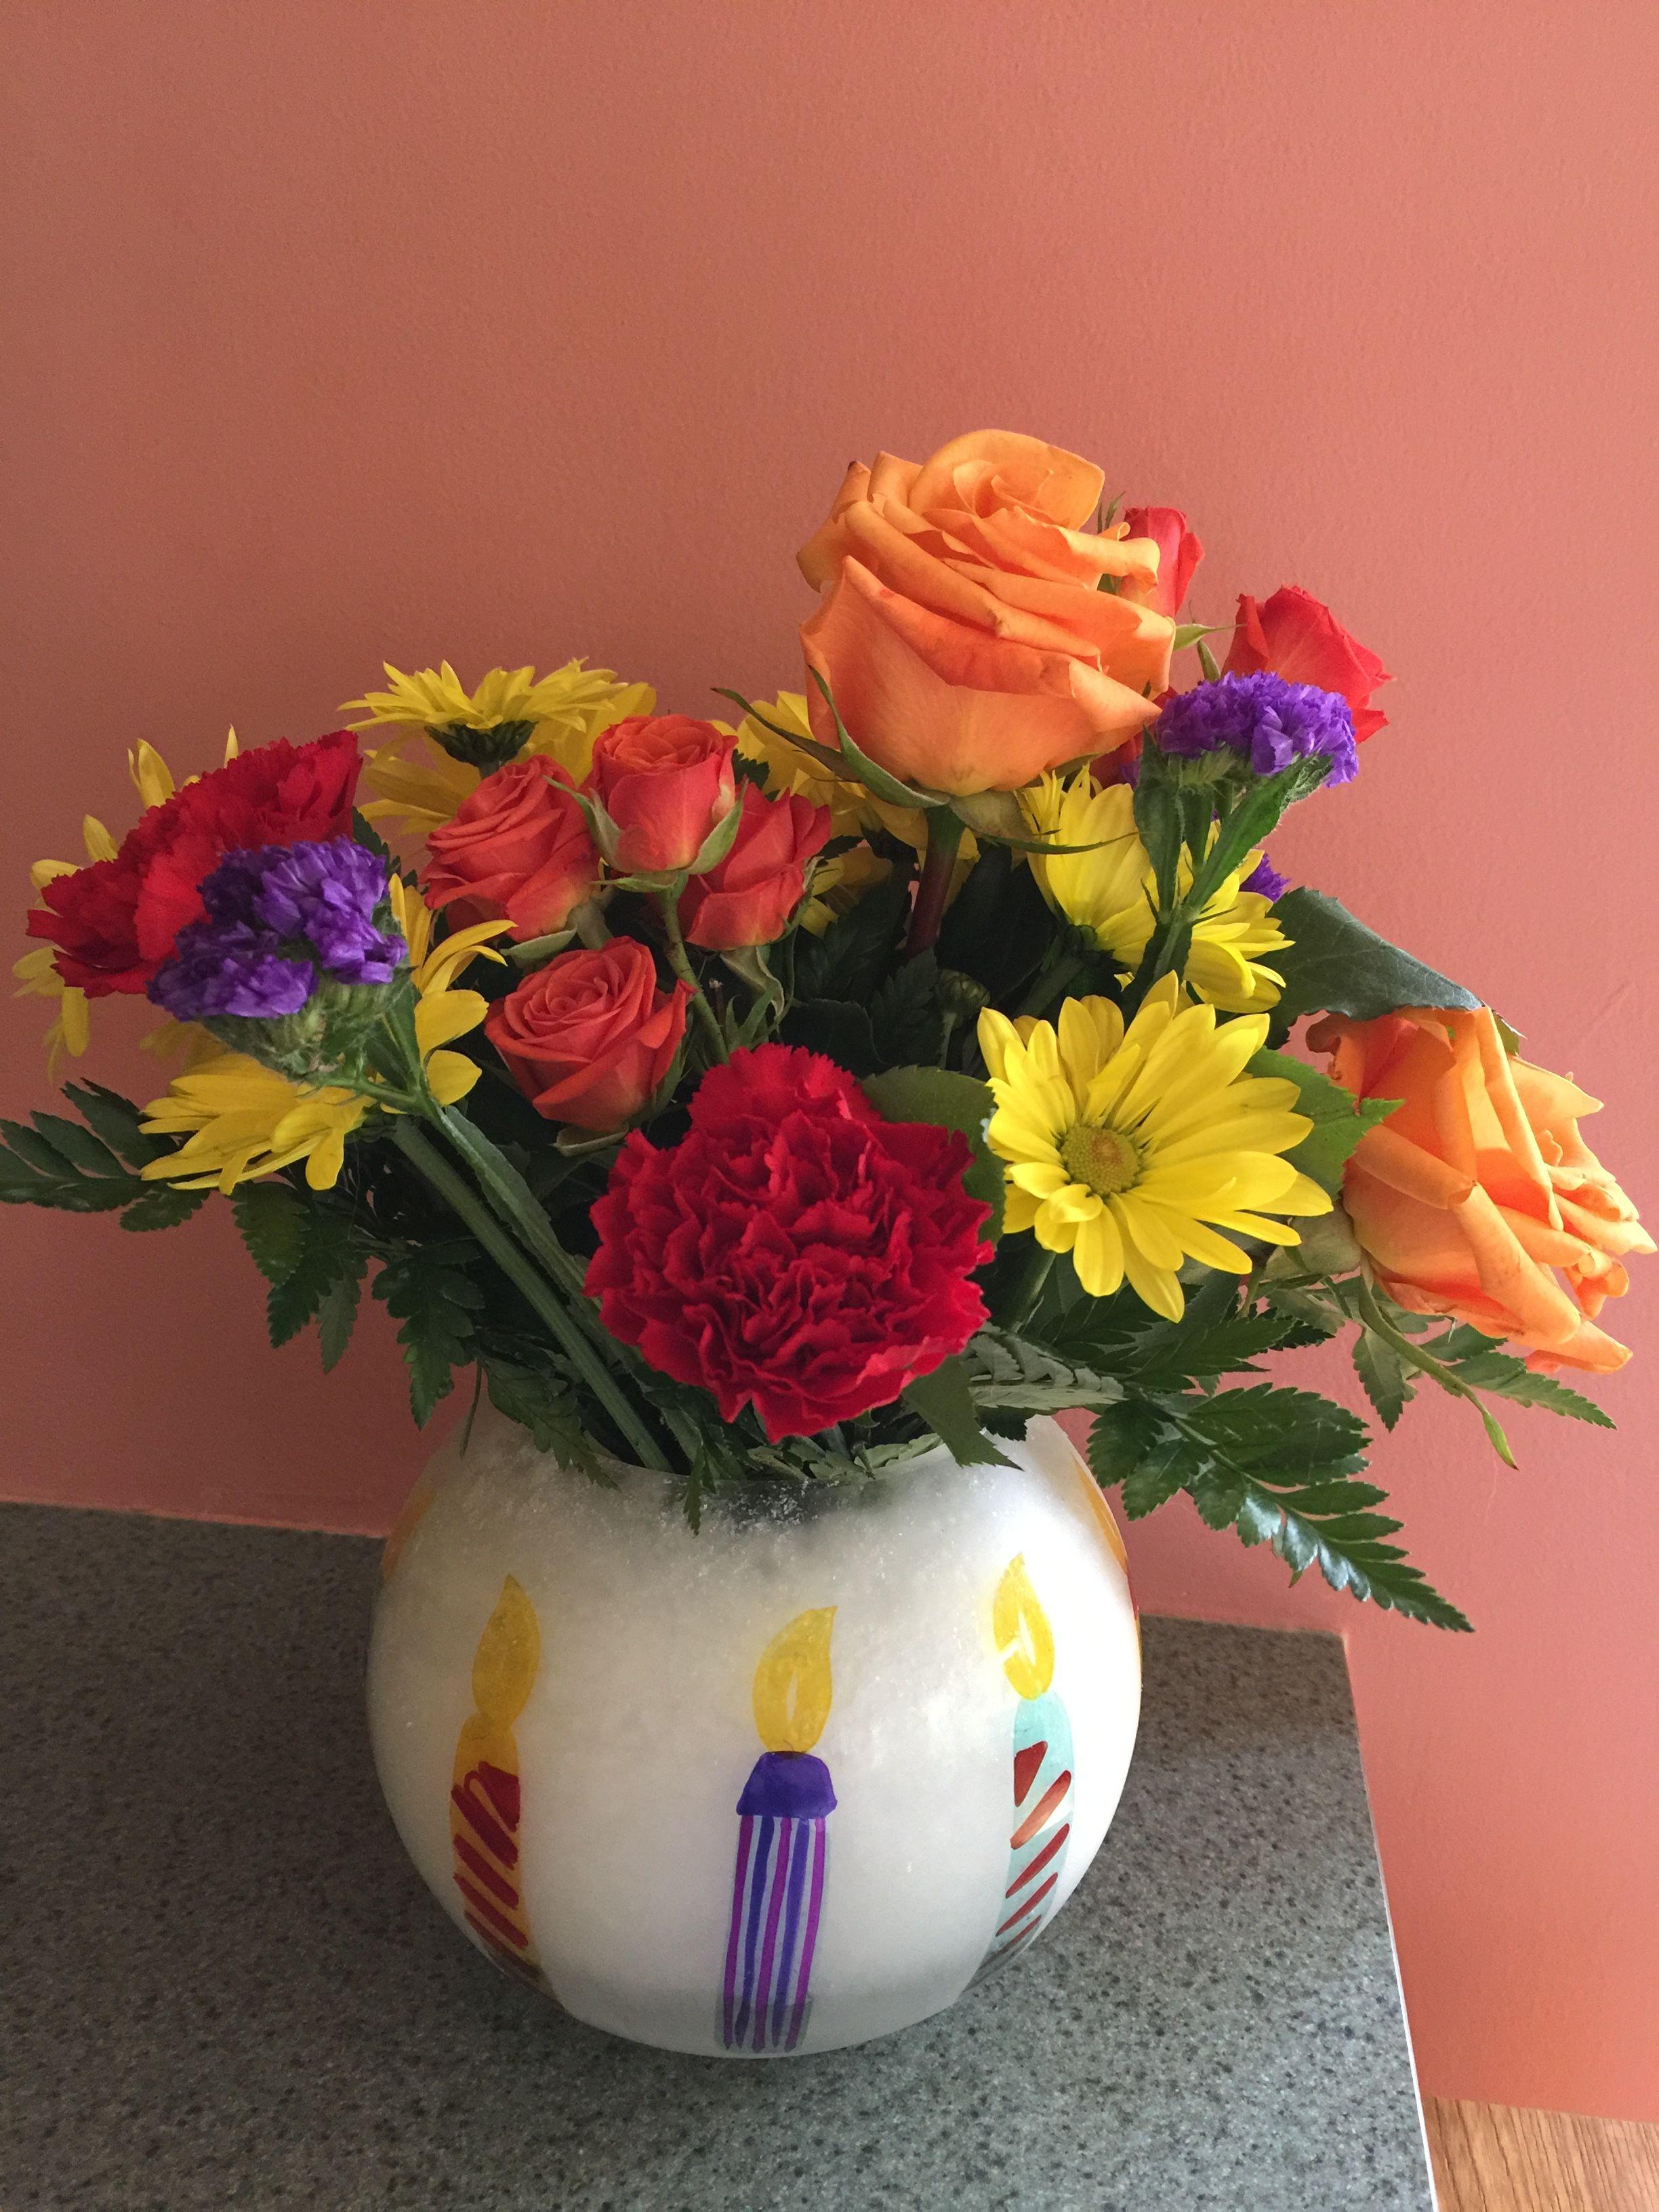 My Birthday Flowers From My Great Friend Jamie 5 18 17